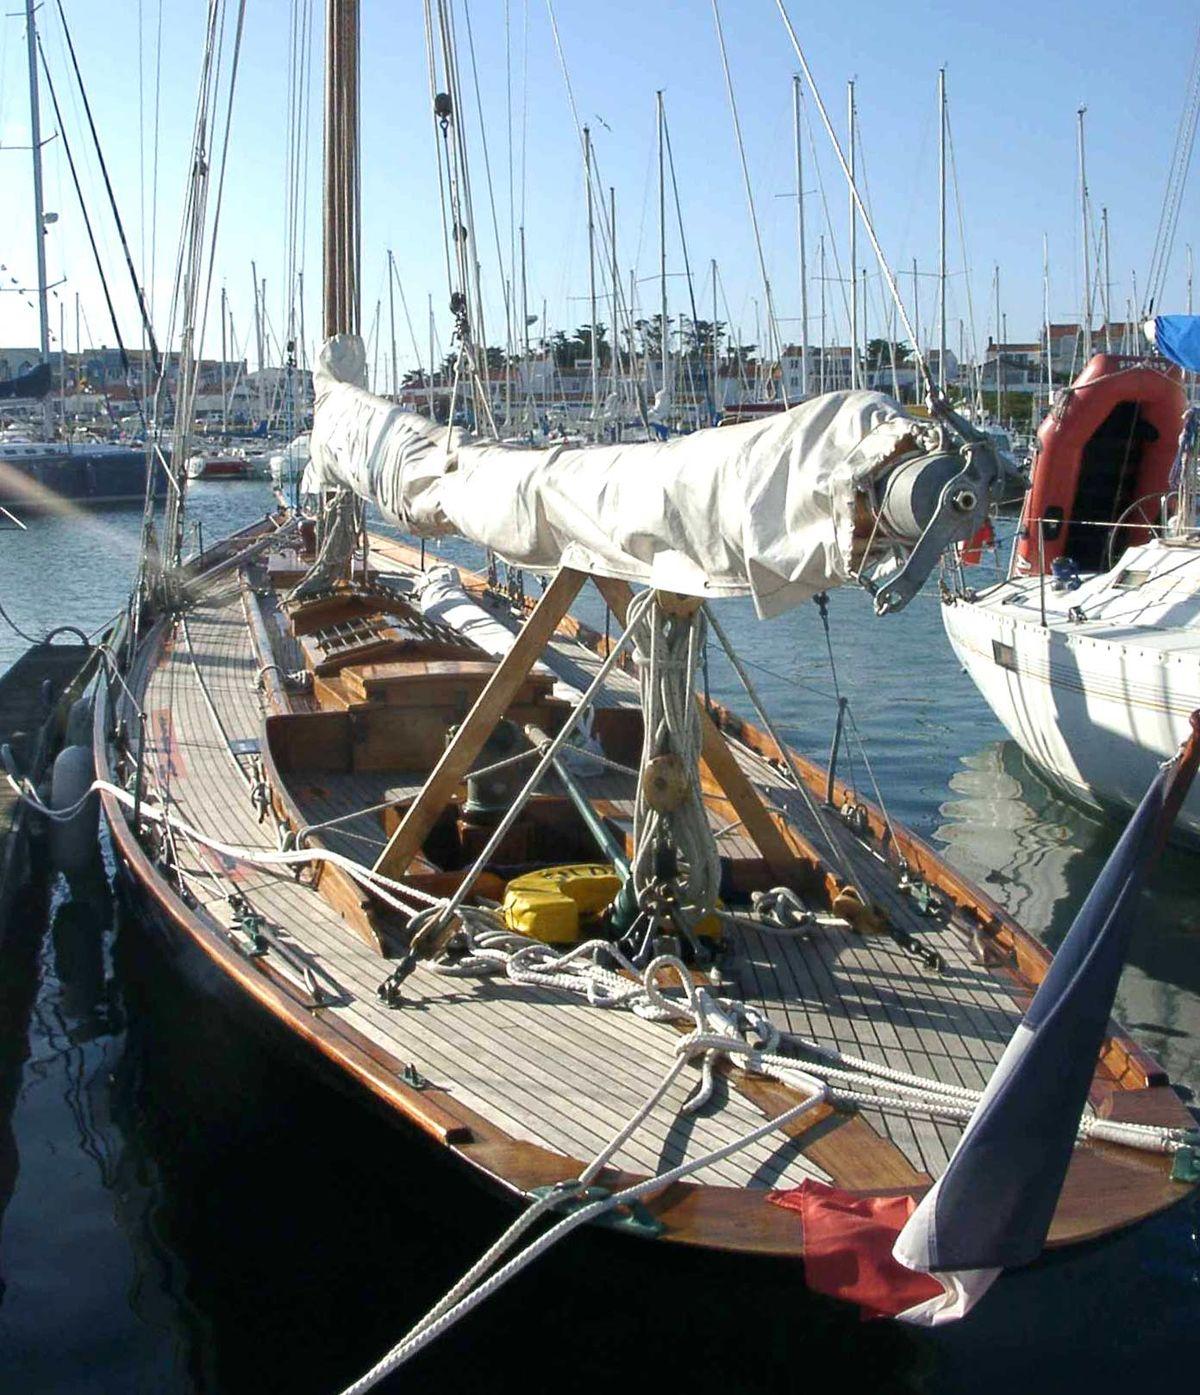 Pen duick wikipedia - Photo de voilier gratuite ...